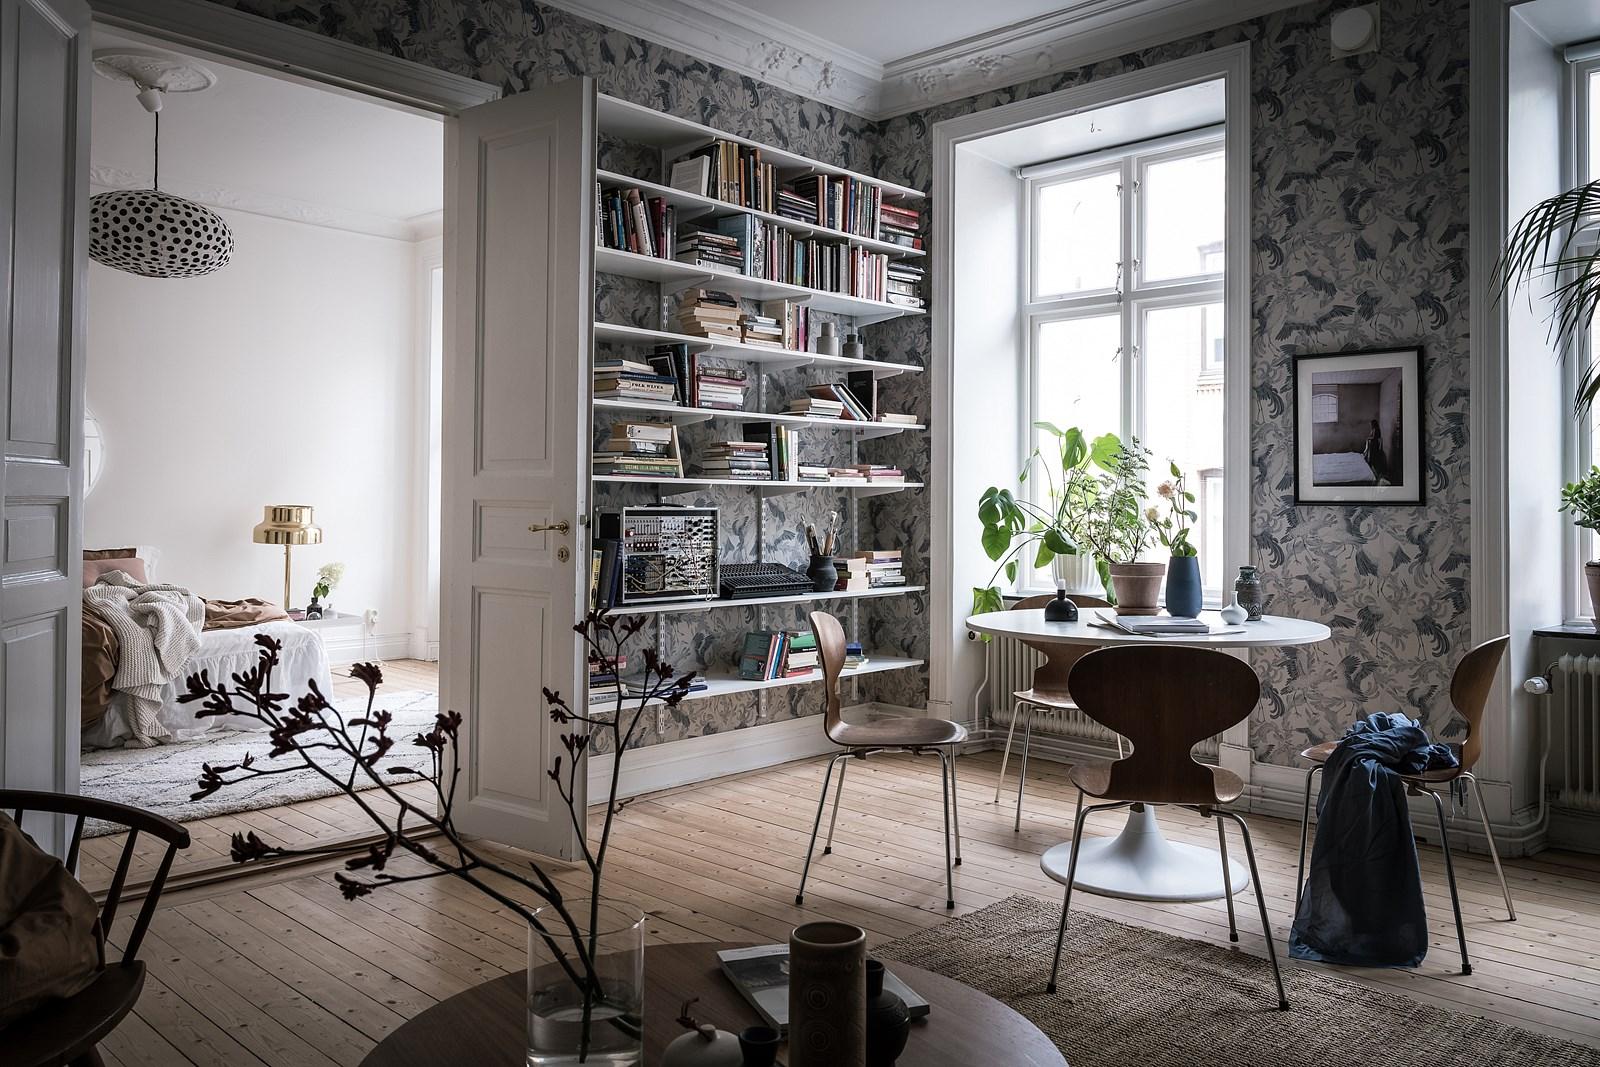 межкомнатный проем книжный стеллаж гостиная деревянный пол